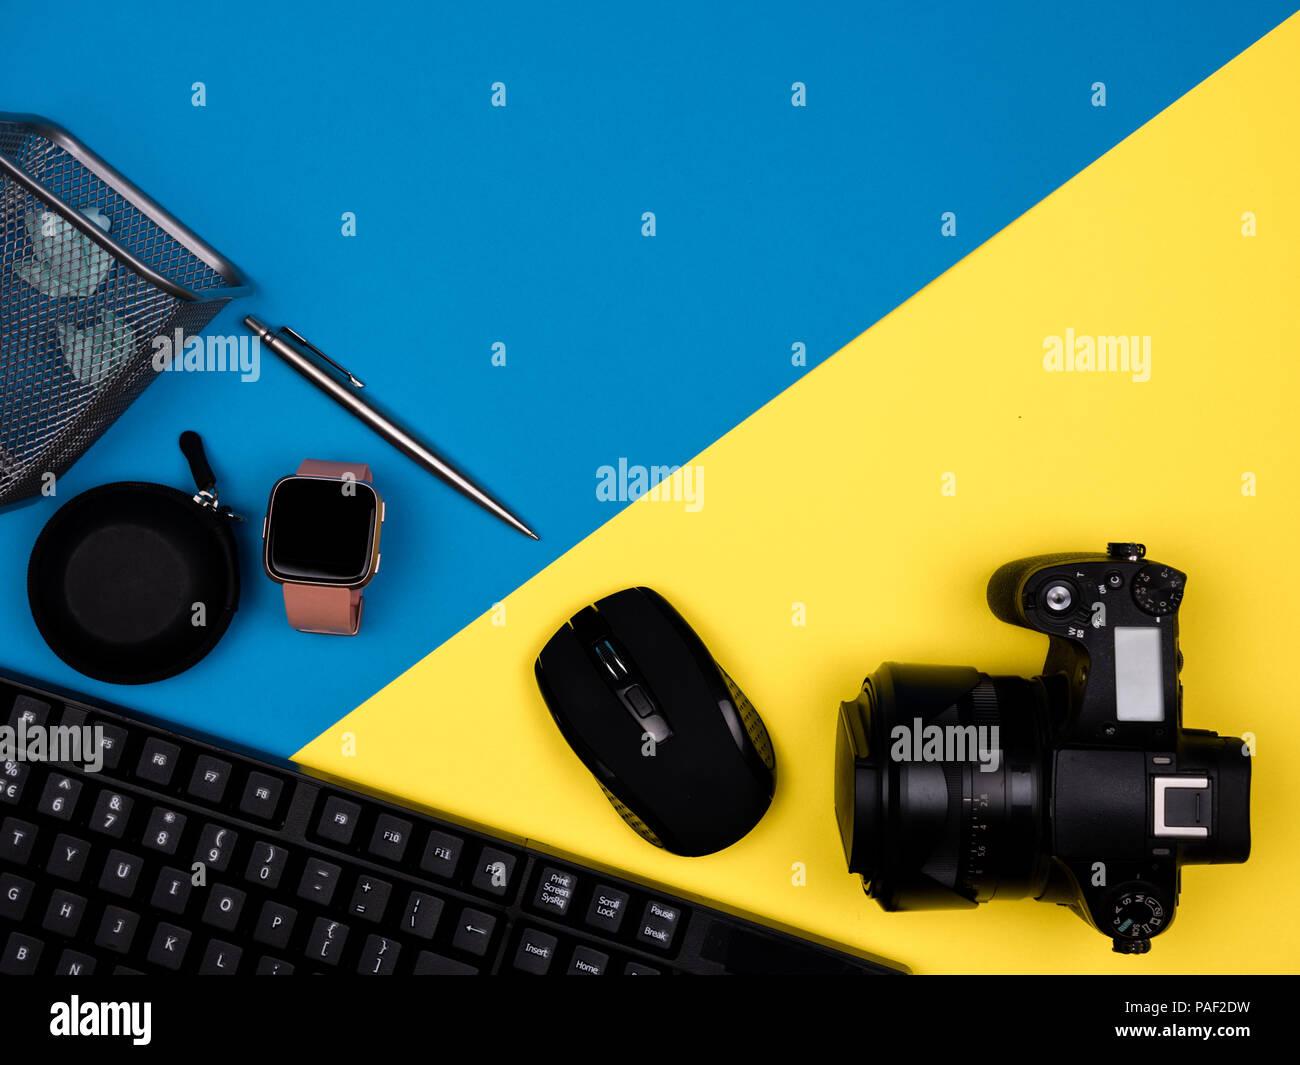 Clavier, souris, appareil photo, montre, stylo, papier coincé Photo Stock